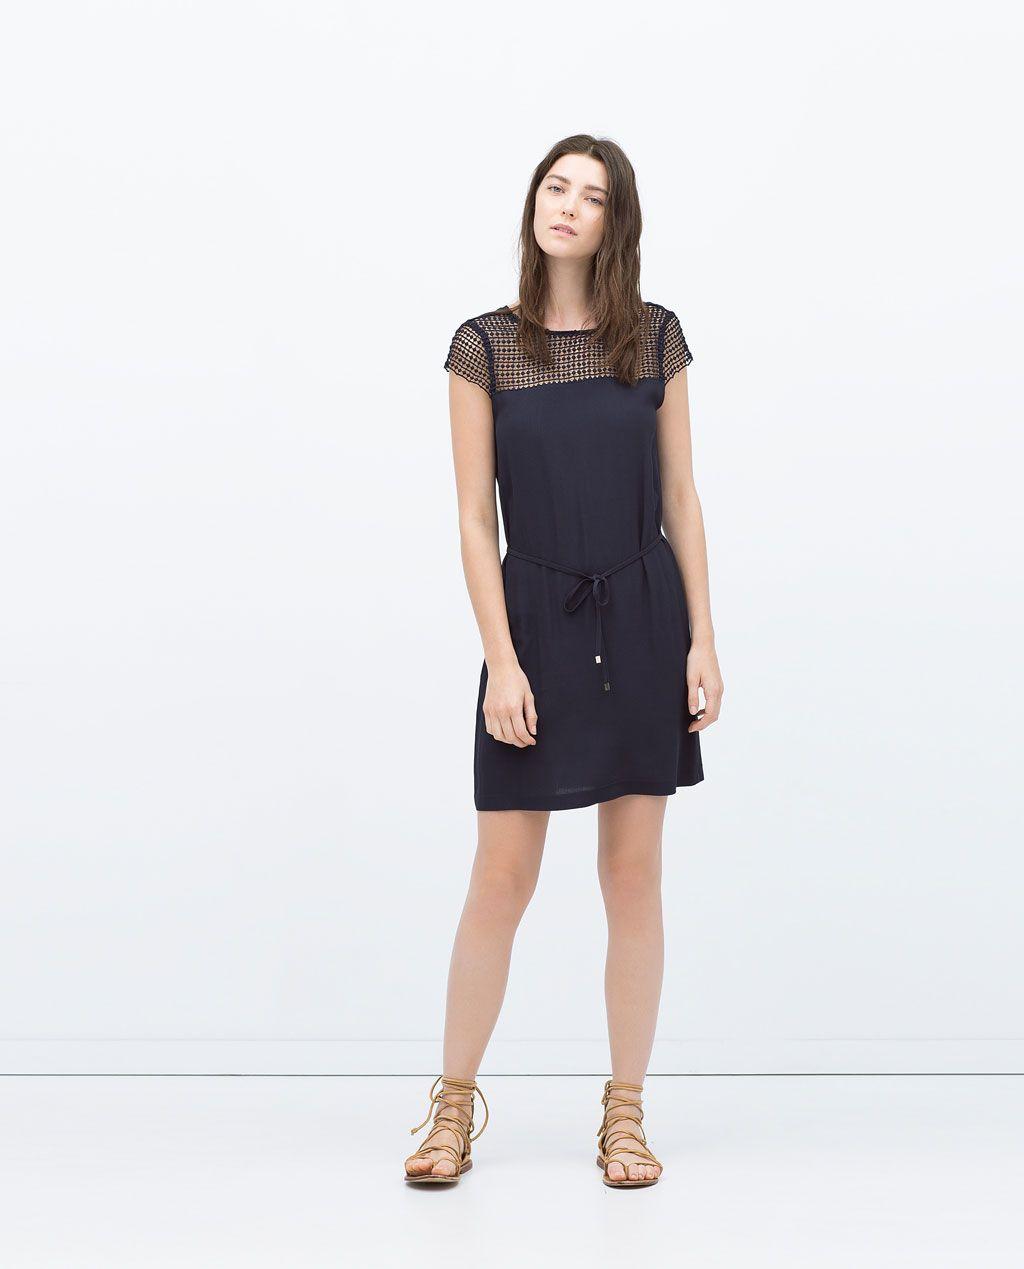 zara woman combined office. ZARA - WOMAN COMBINED DRESS Zara Woman Combined Office S